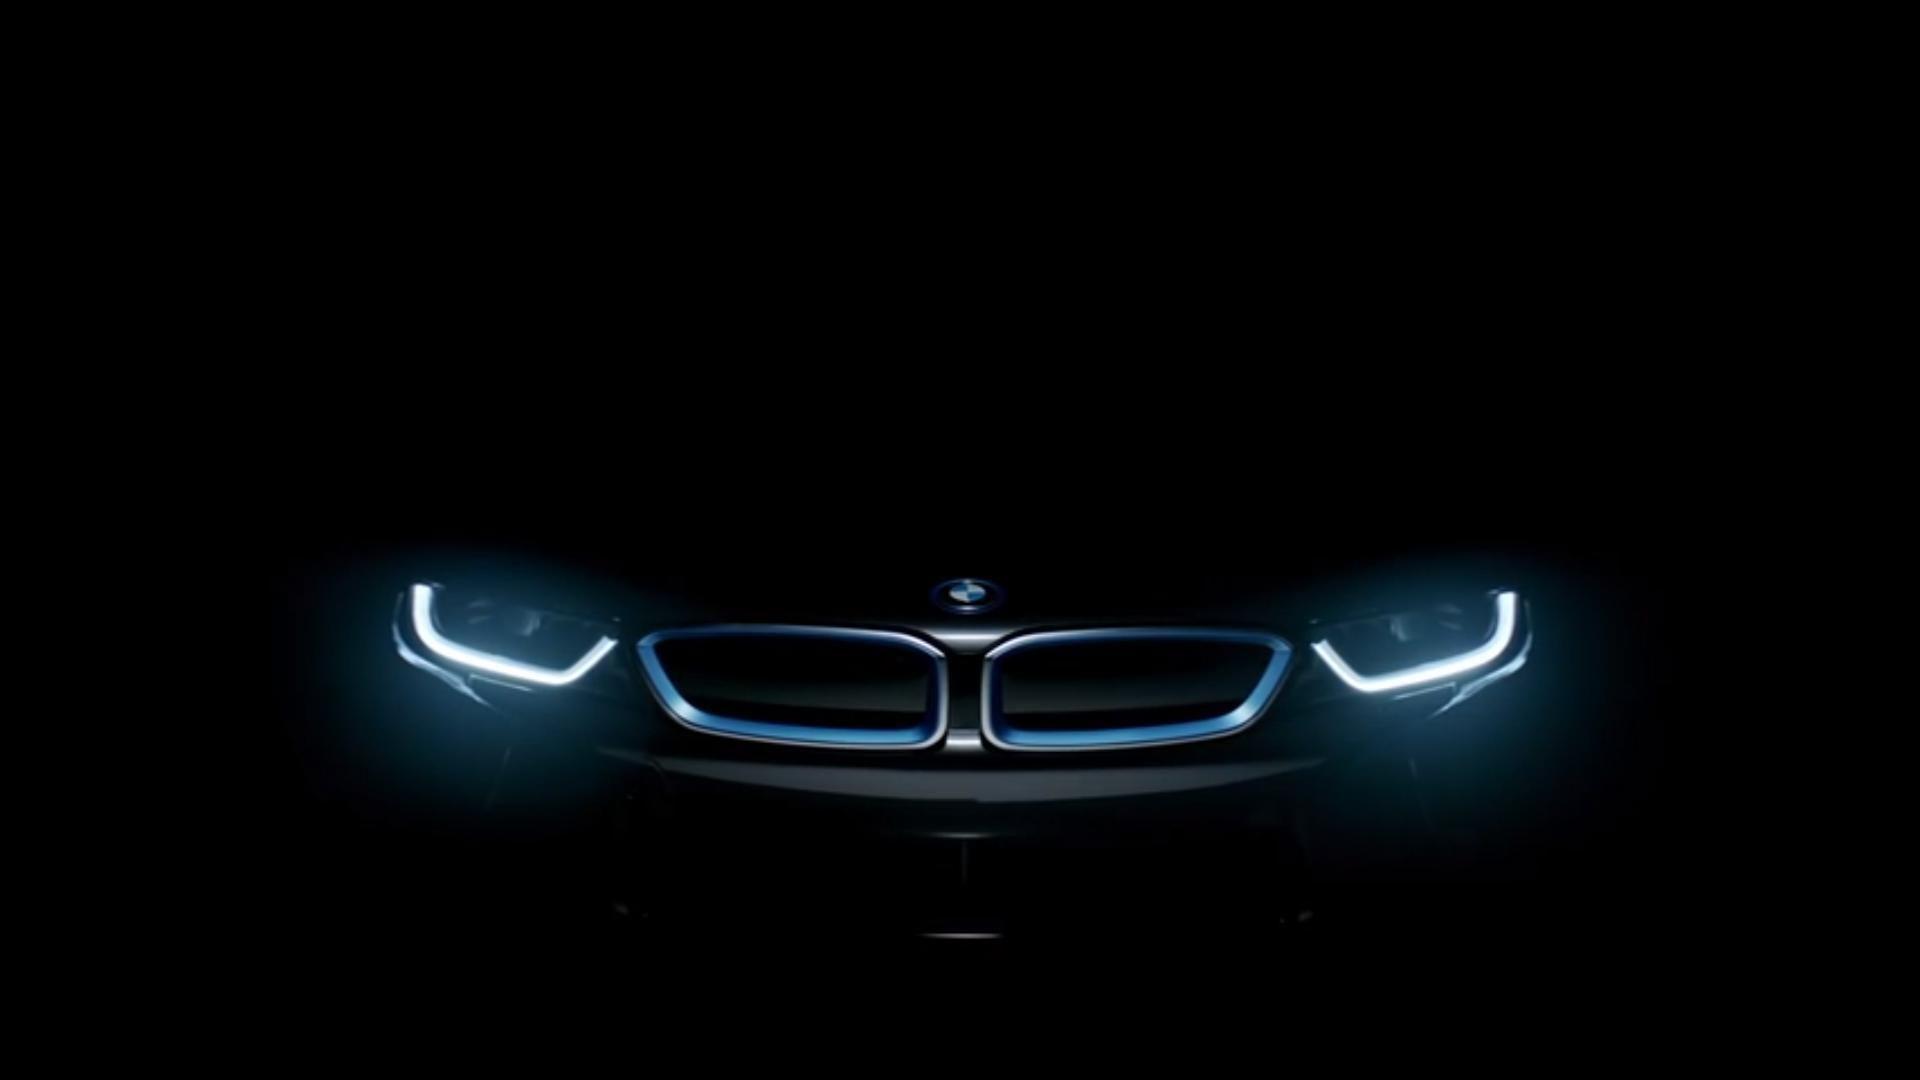 cars headlights at night wallpaper - photo #13